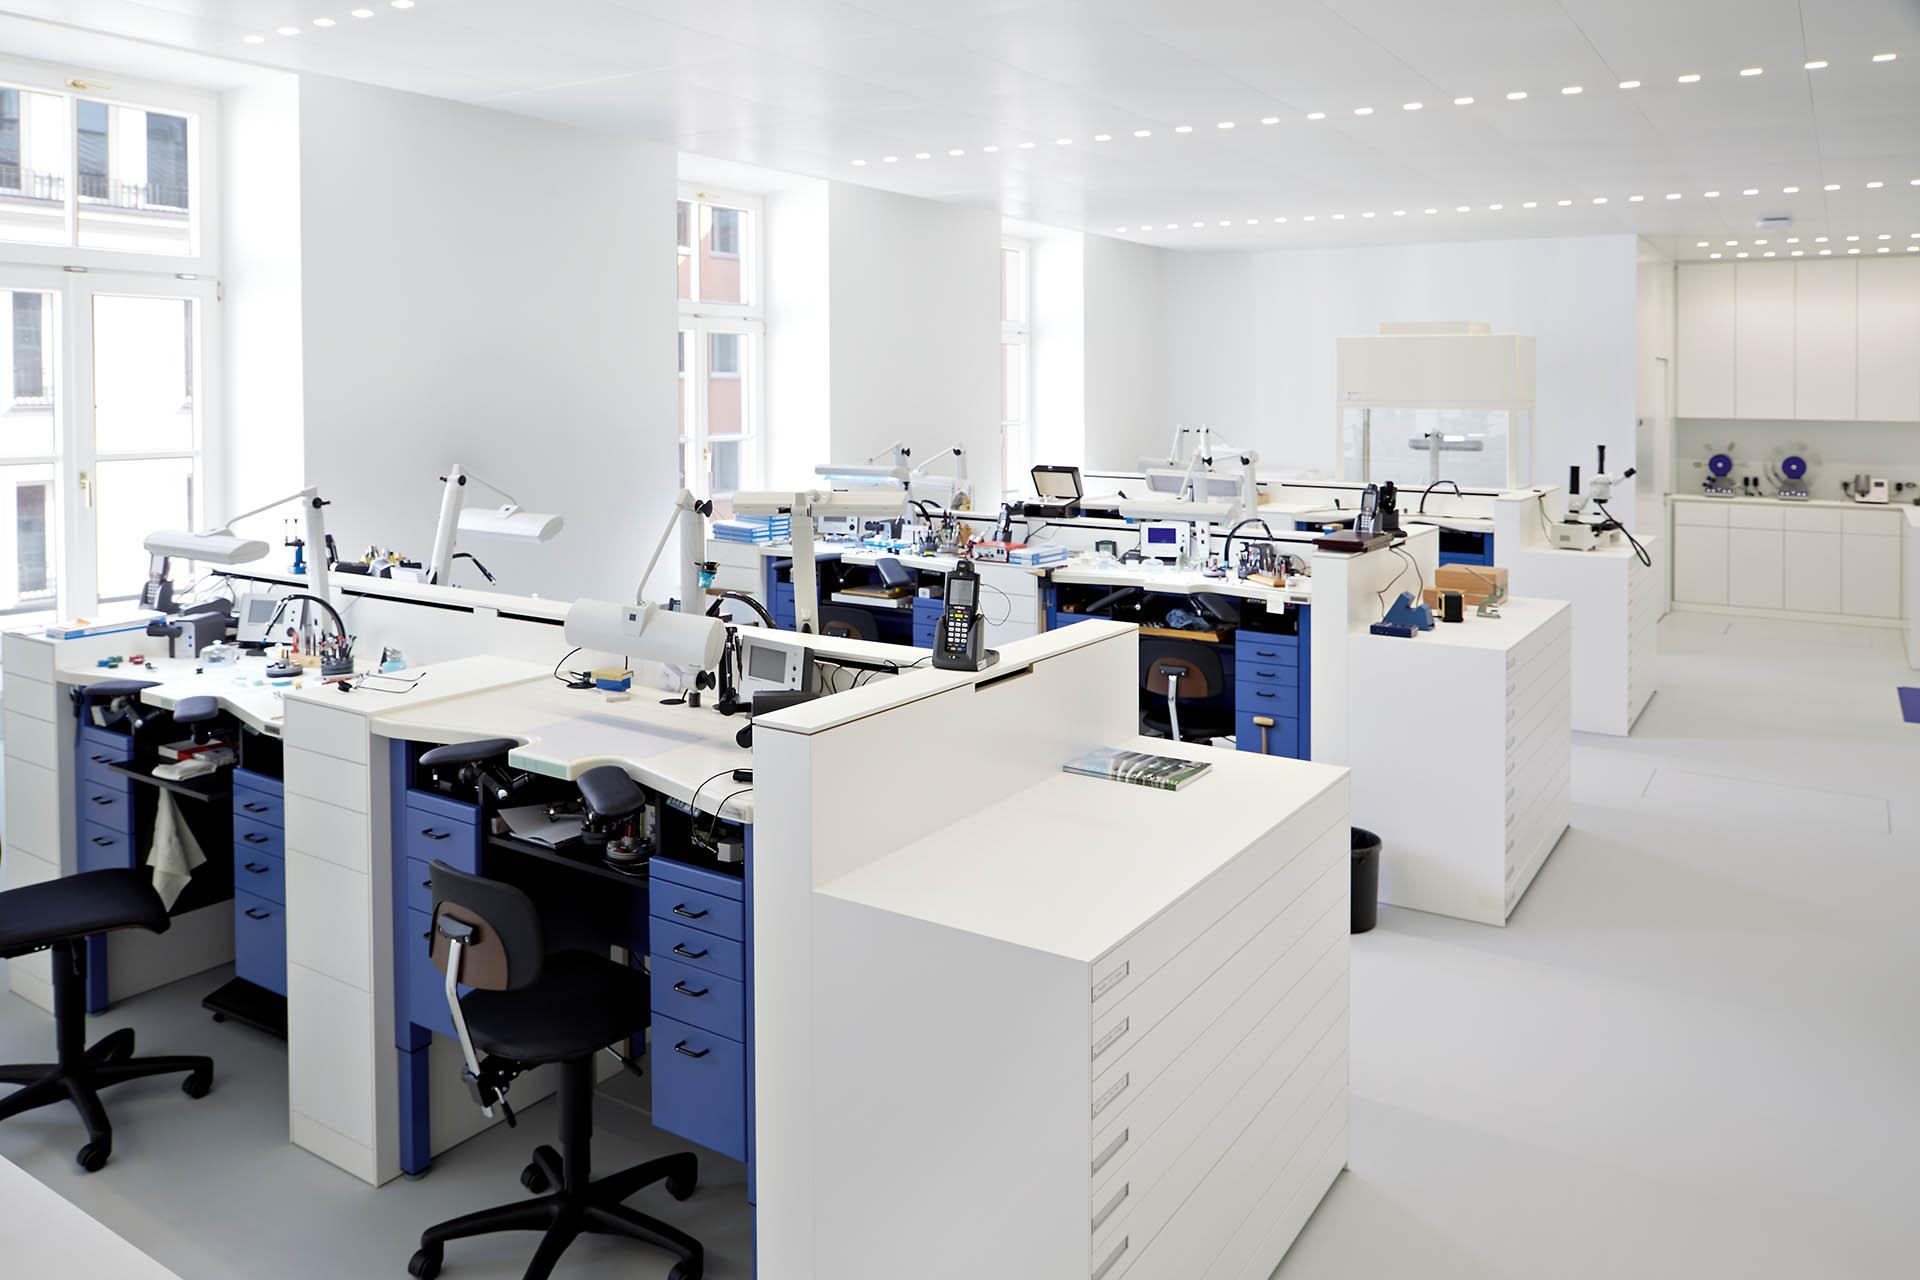 In der modernen Werkstatt von Patek Philippe in München erleichtern helles Licht und staubfrei gefilterte Luft die Arbeit der Uhrmacher.